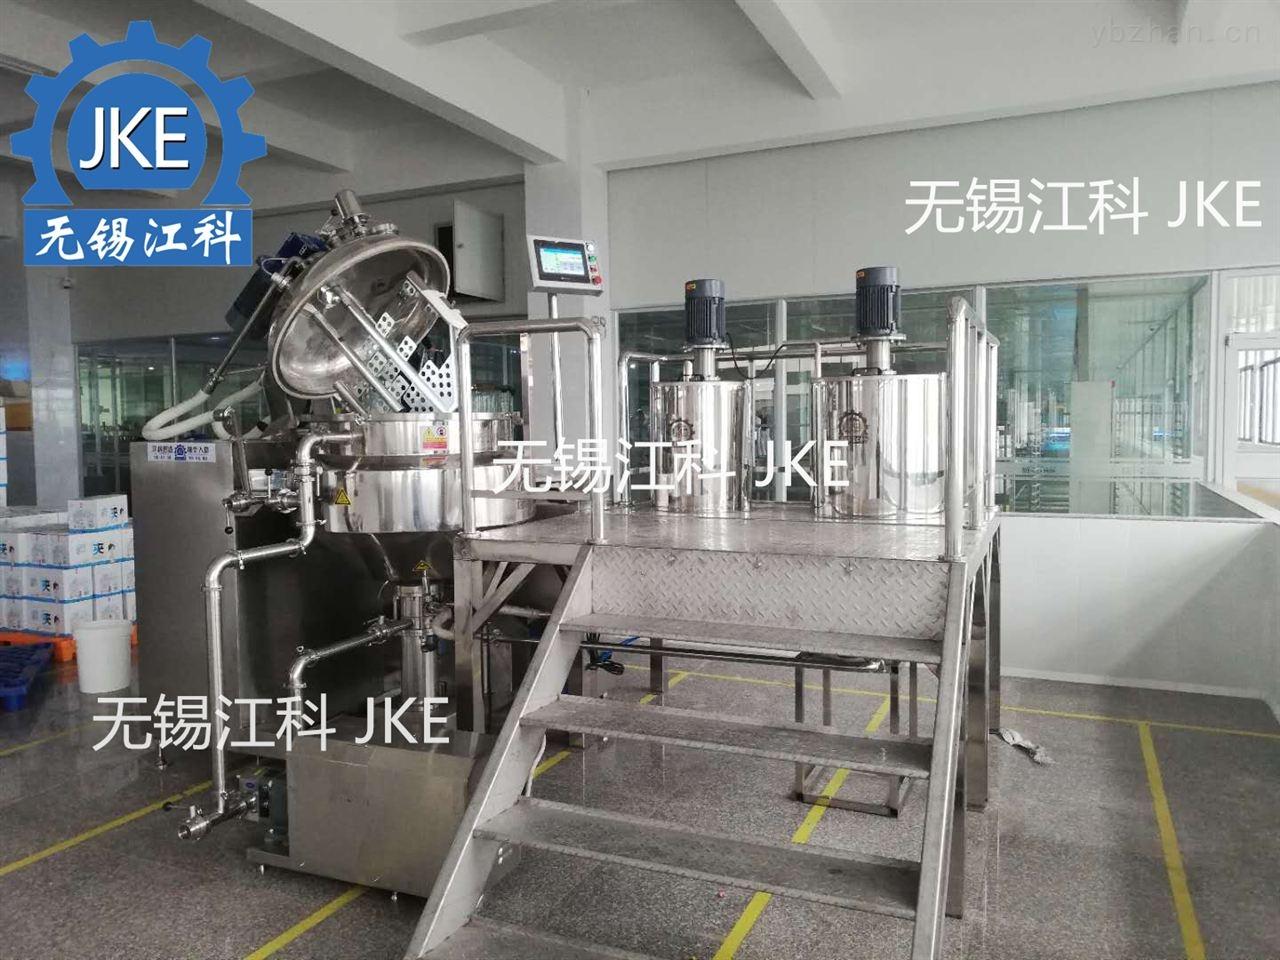 艾迪科-西点酱用乳化机生产设备